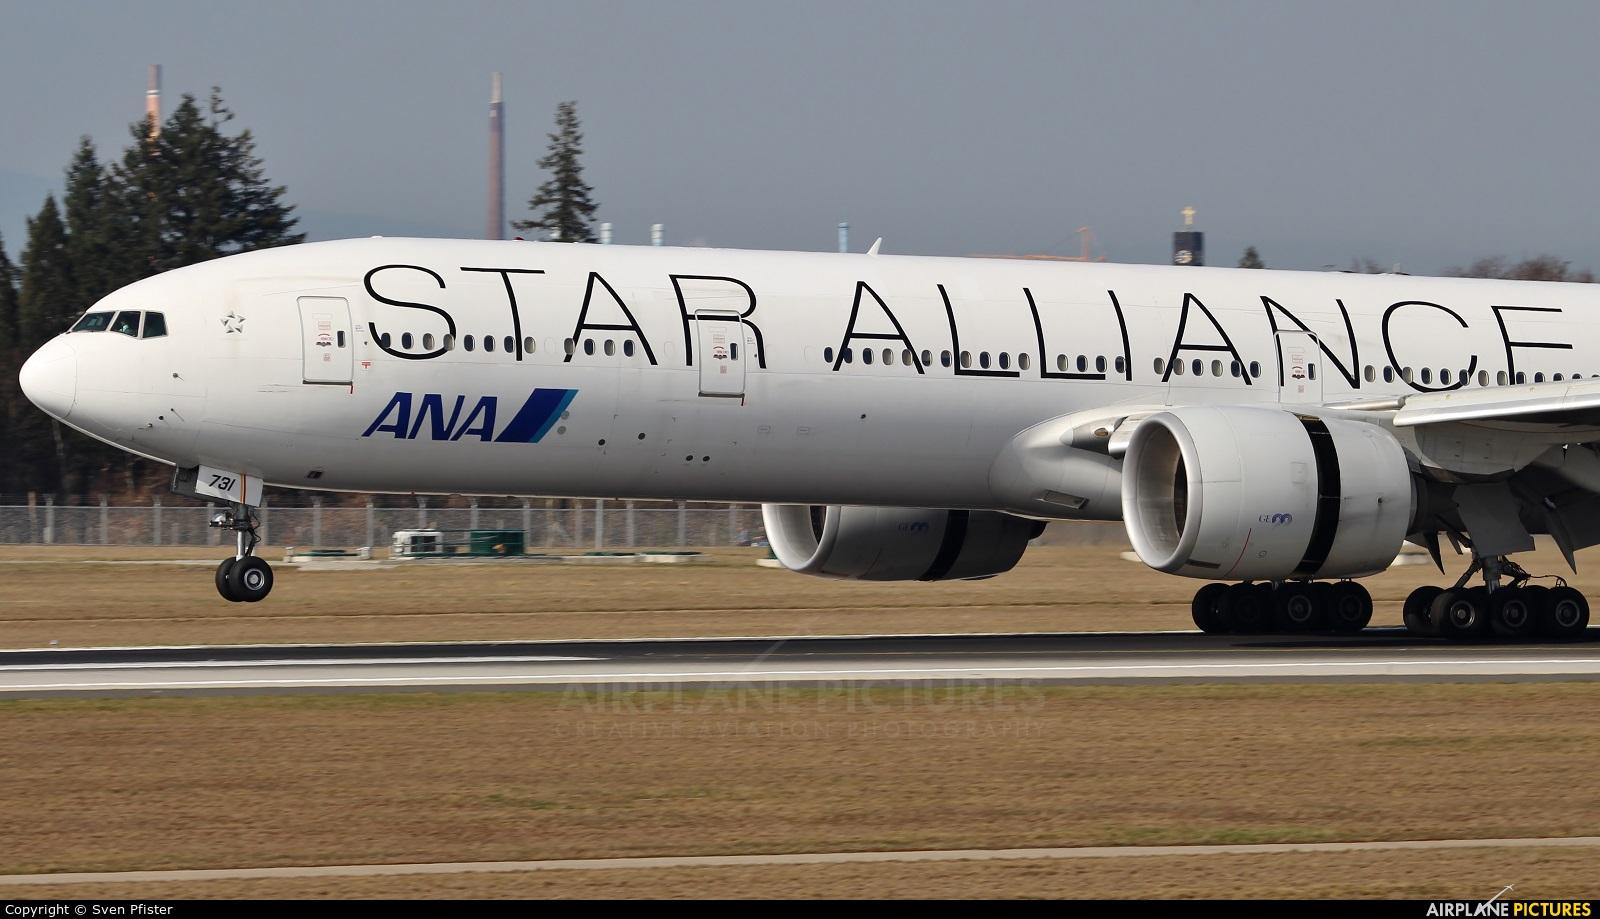 ANA - All Nippon Airways JA731A aircraft at Frankfurt